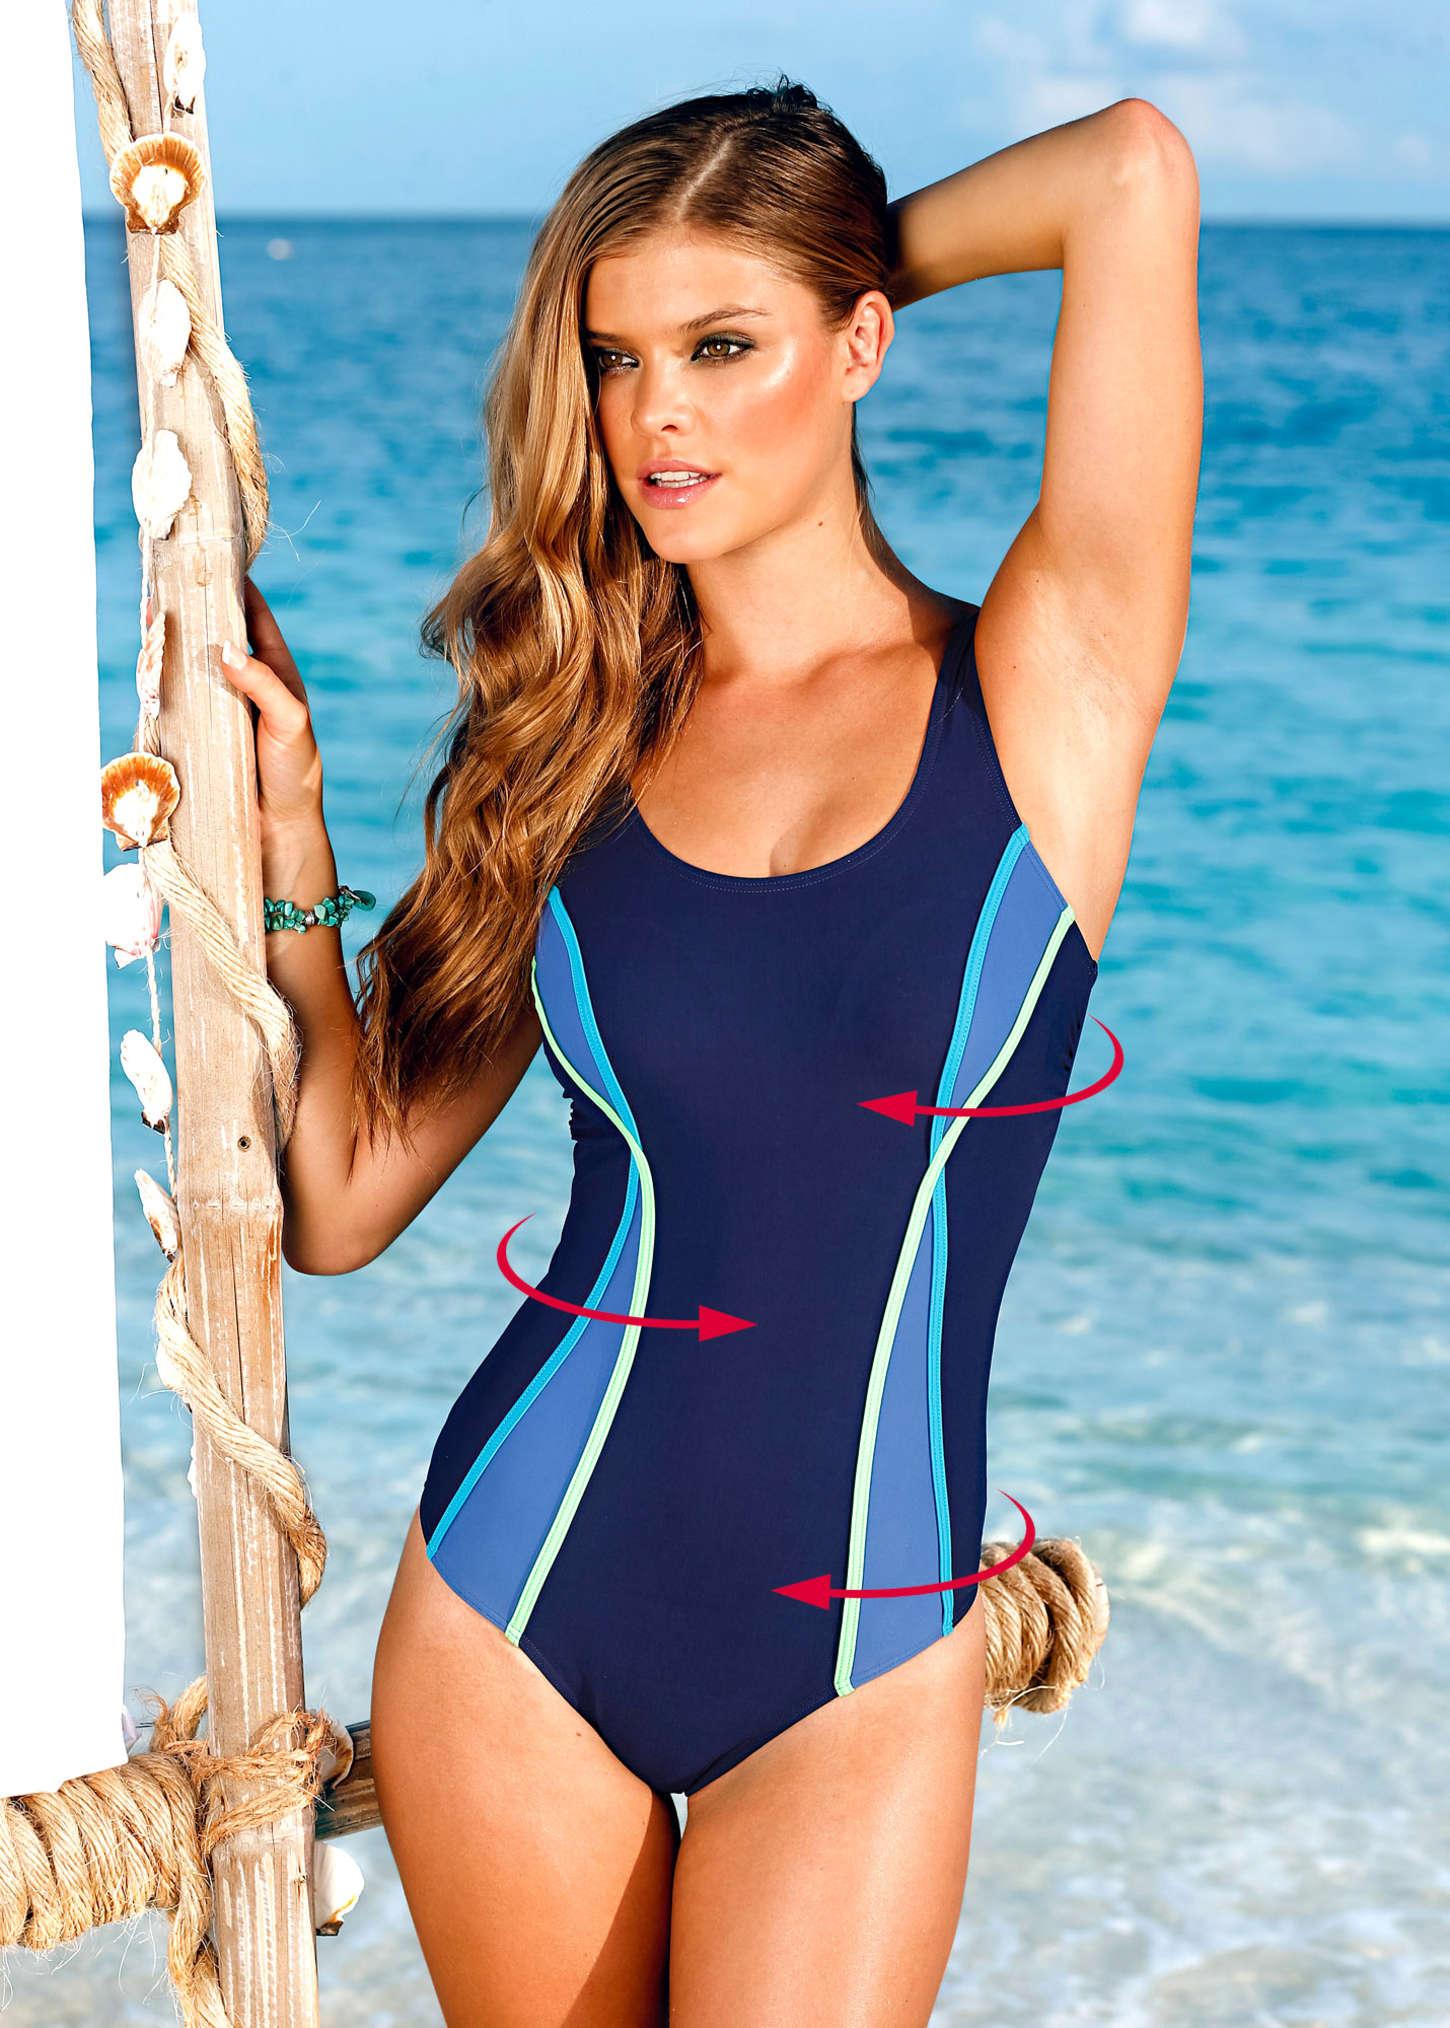 Nina Agdal Bon Prix Swimwear 2013 Collection 10 Gotceleb